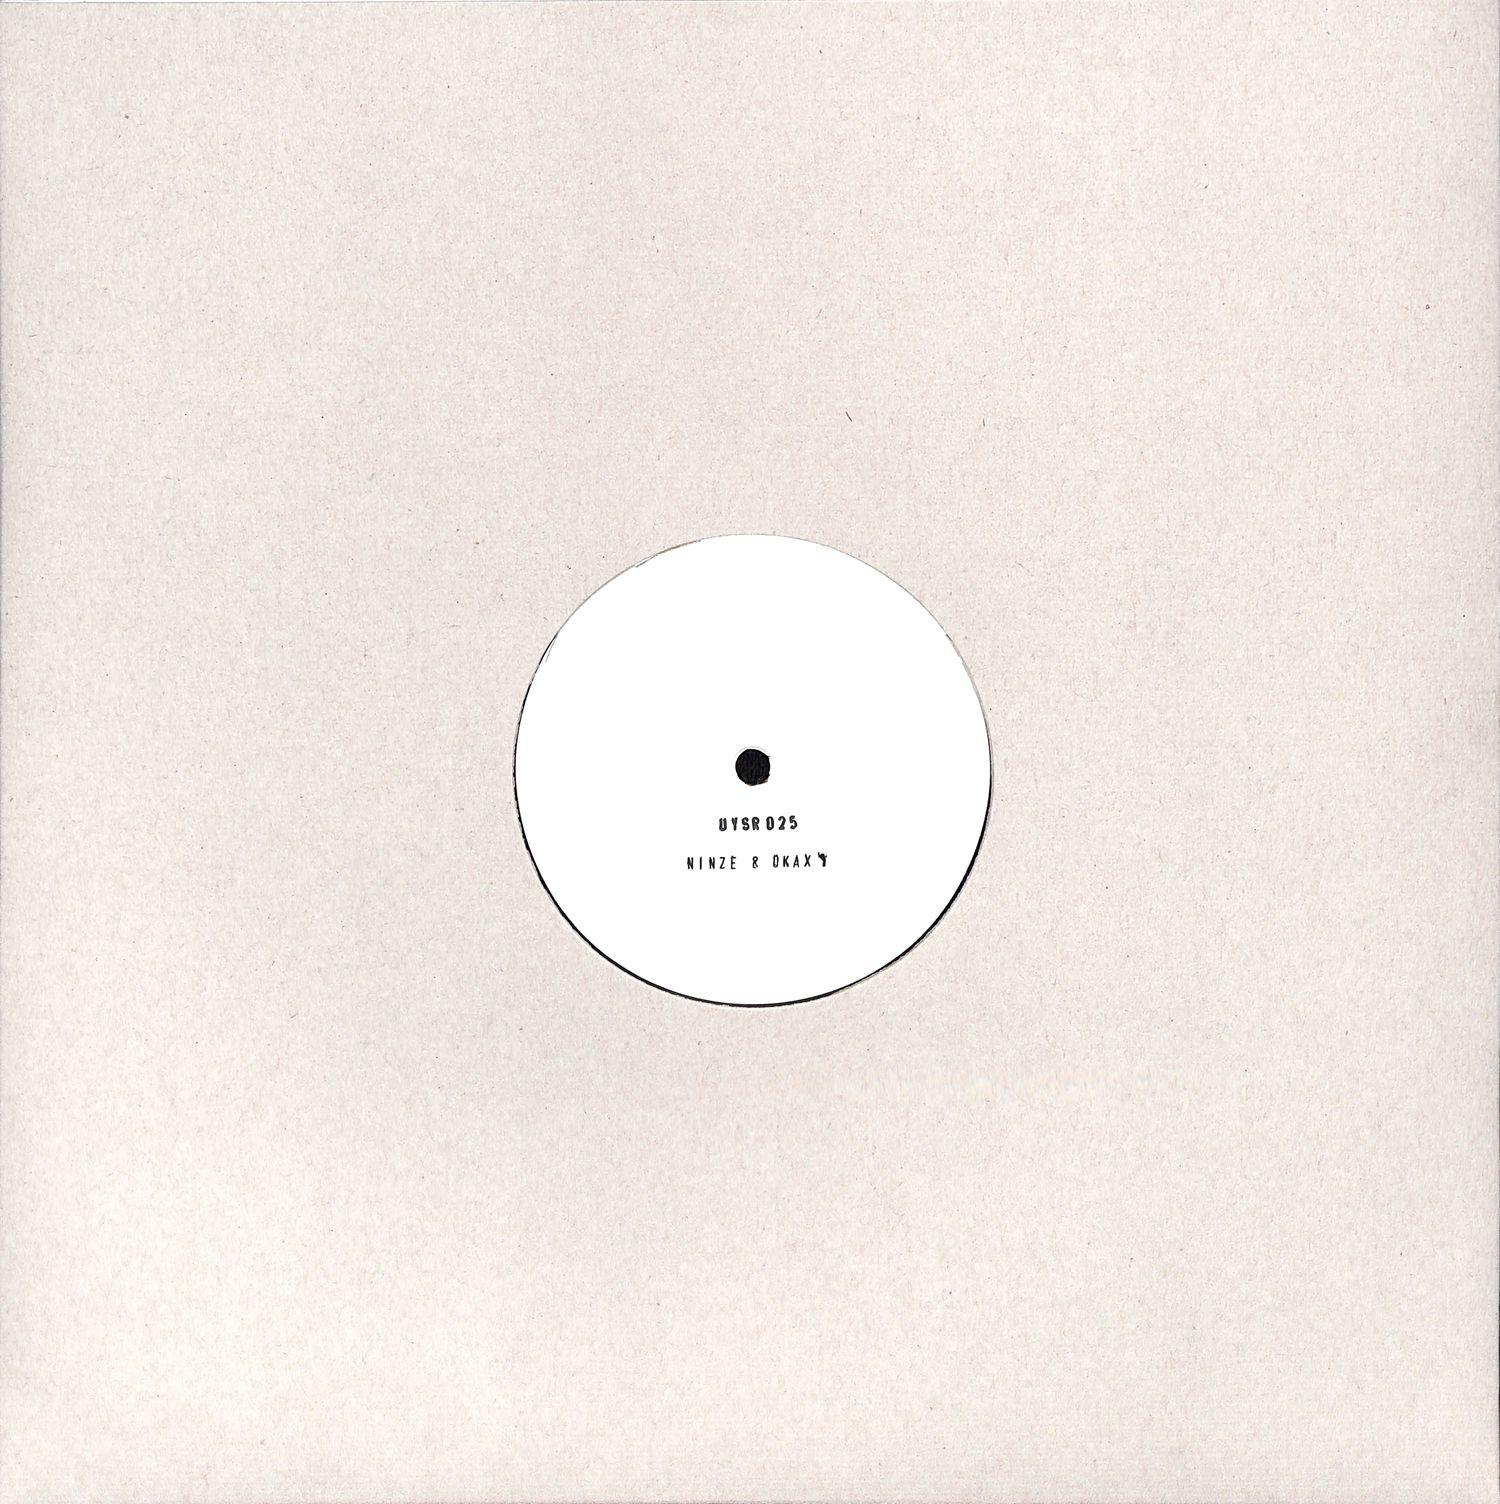 Ninze & Okaxy - SIDEREAL TIMES EP